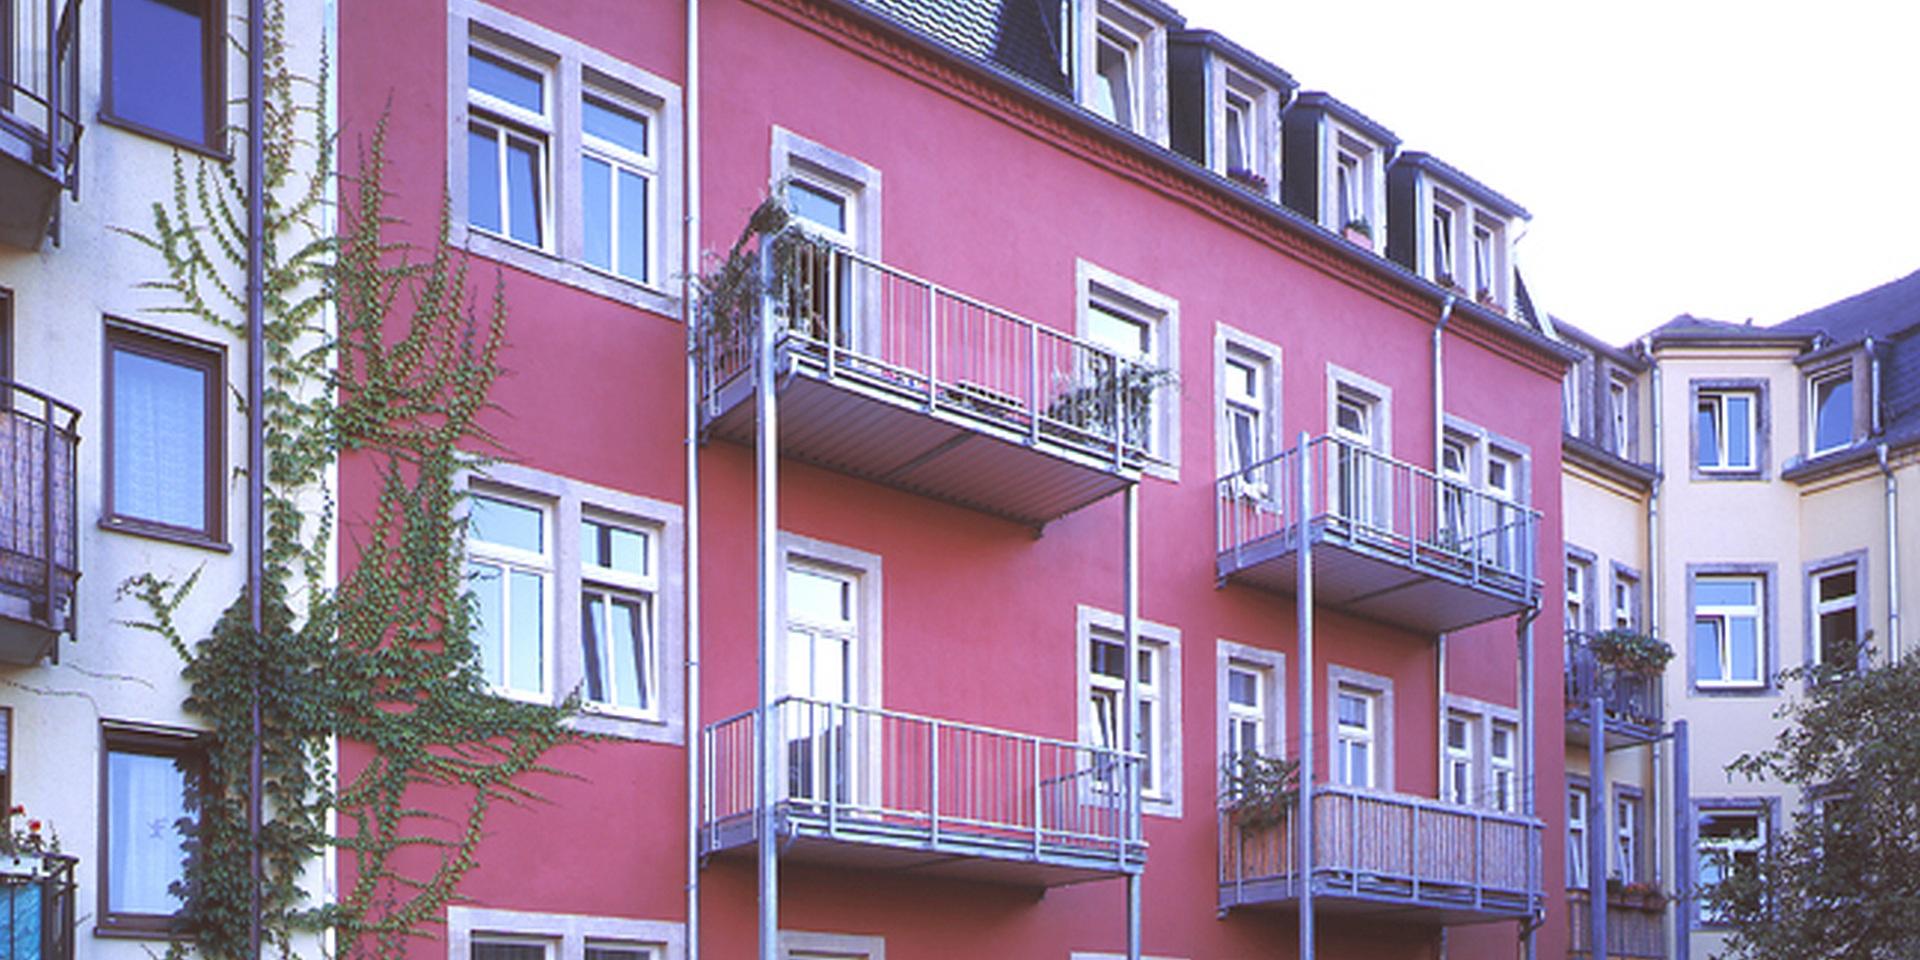 Sanierung und Umbau Altbau Wohnhaus – Dresden, Frick.Reichert Architekten